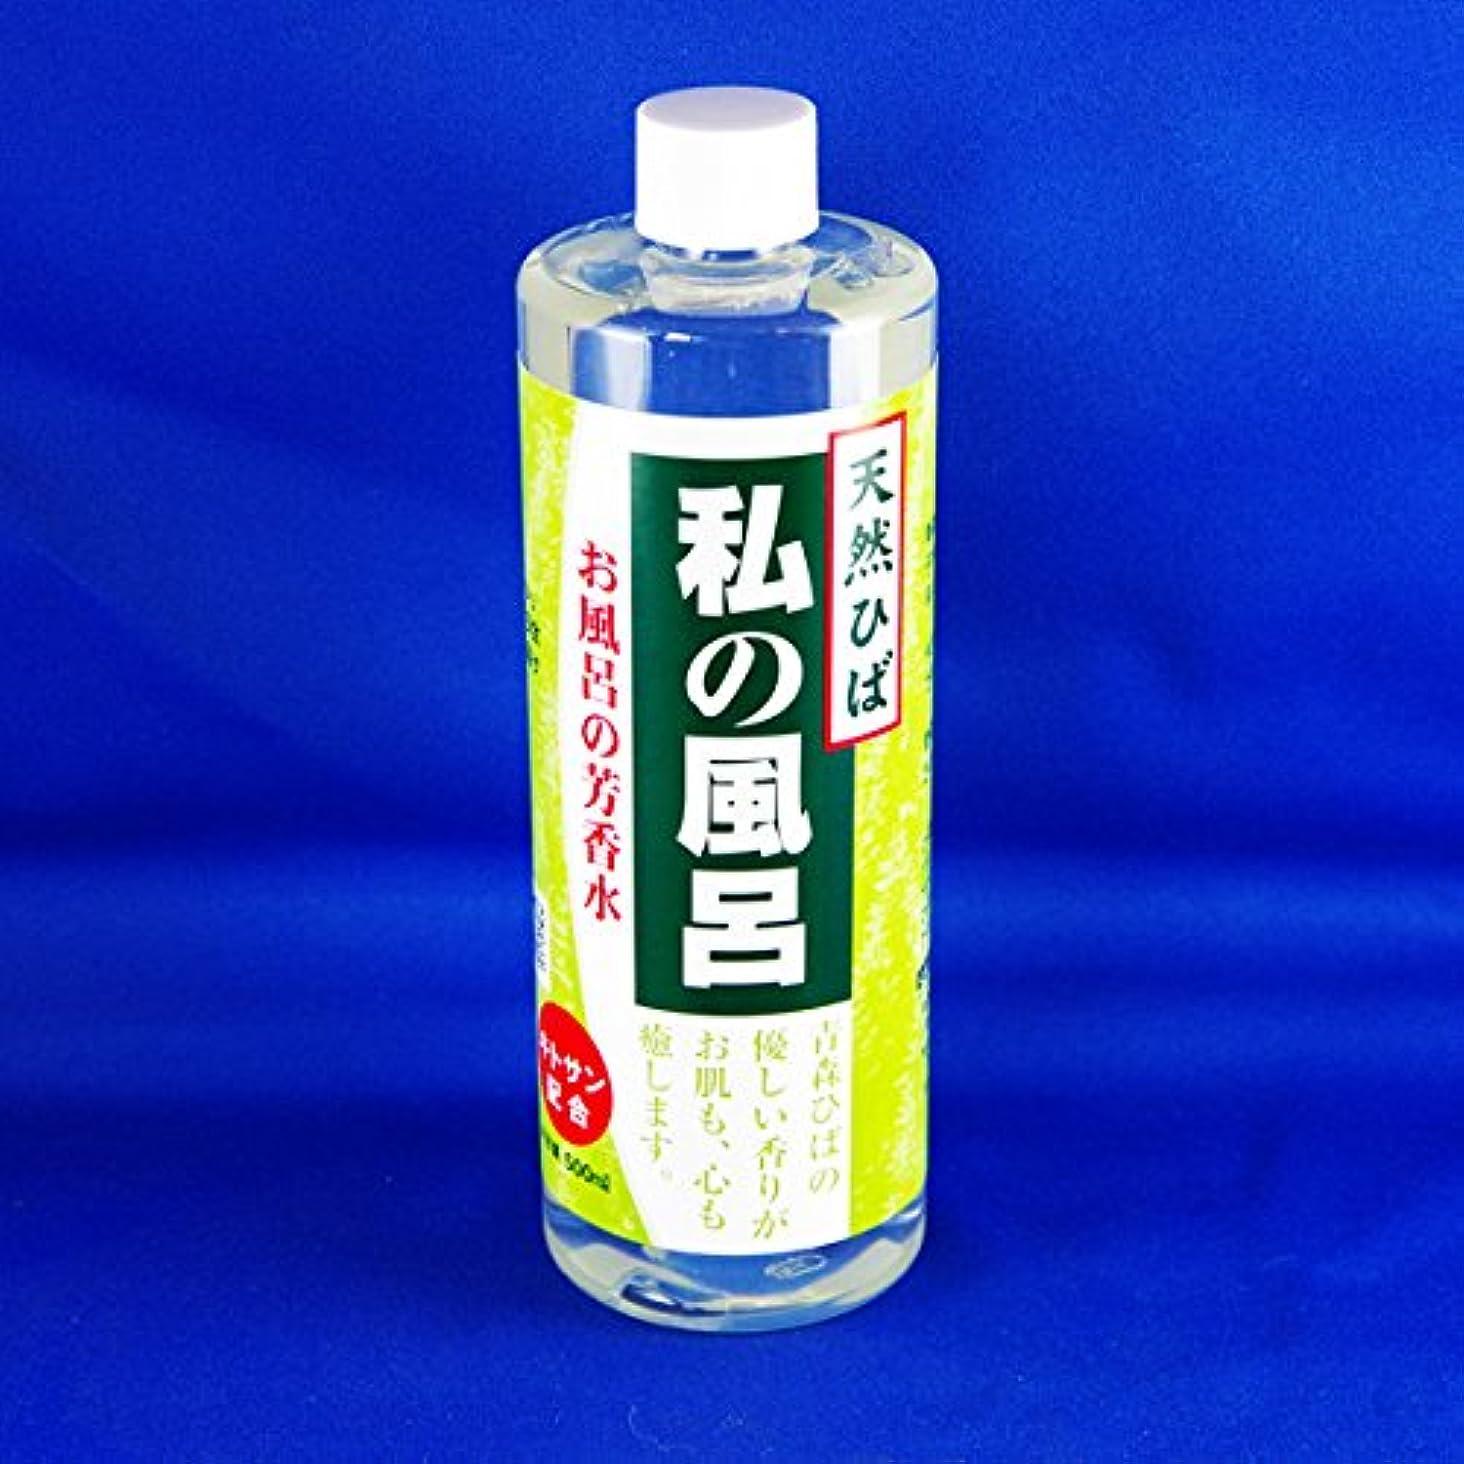 パケット採用する自己【入浴剤】青森ひば 私の風呂 500ml(高分子キトサン配合)